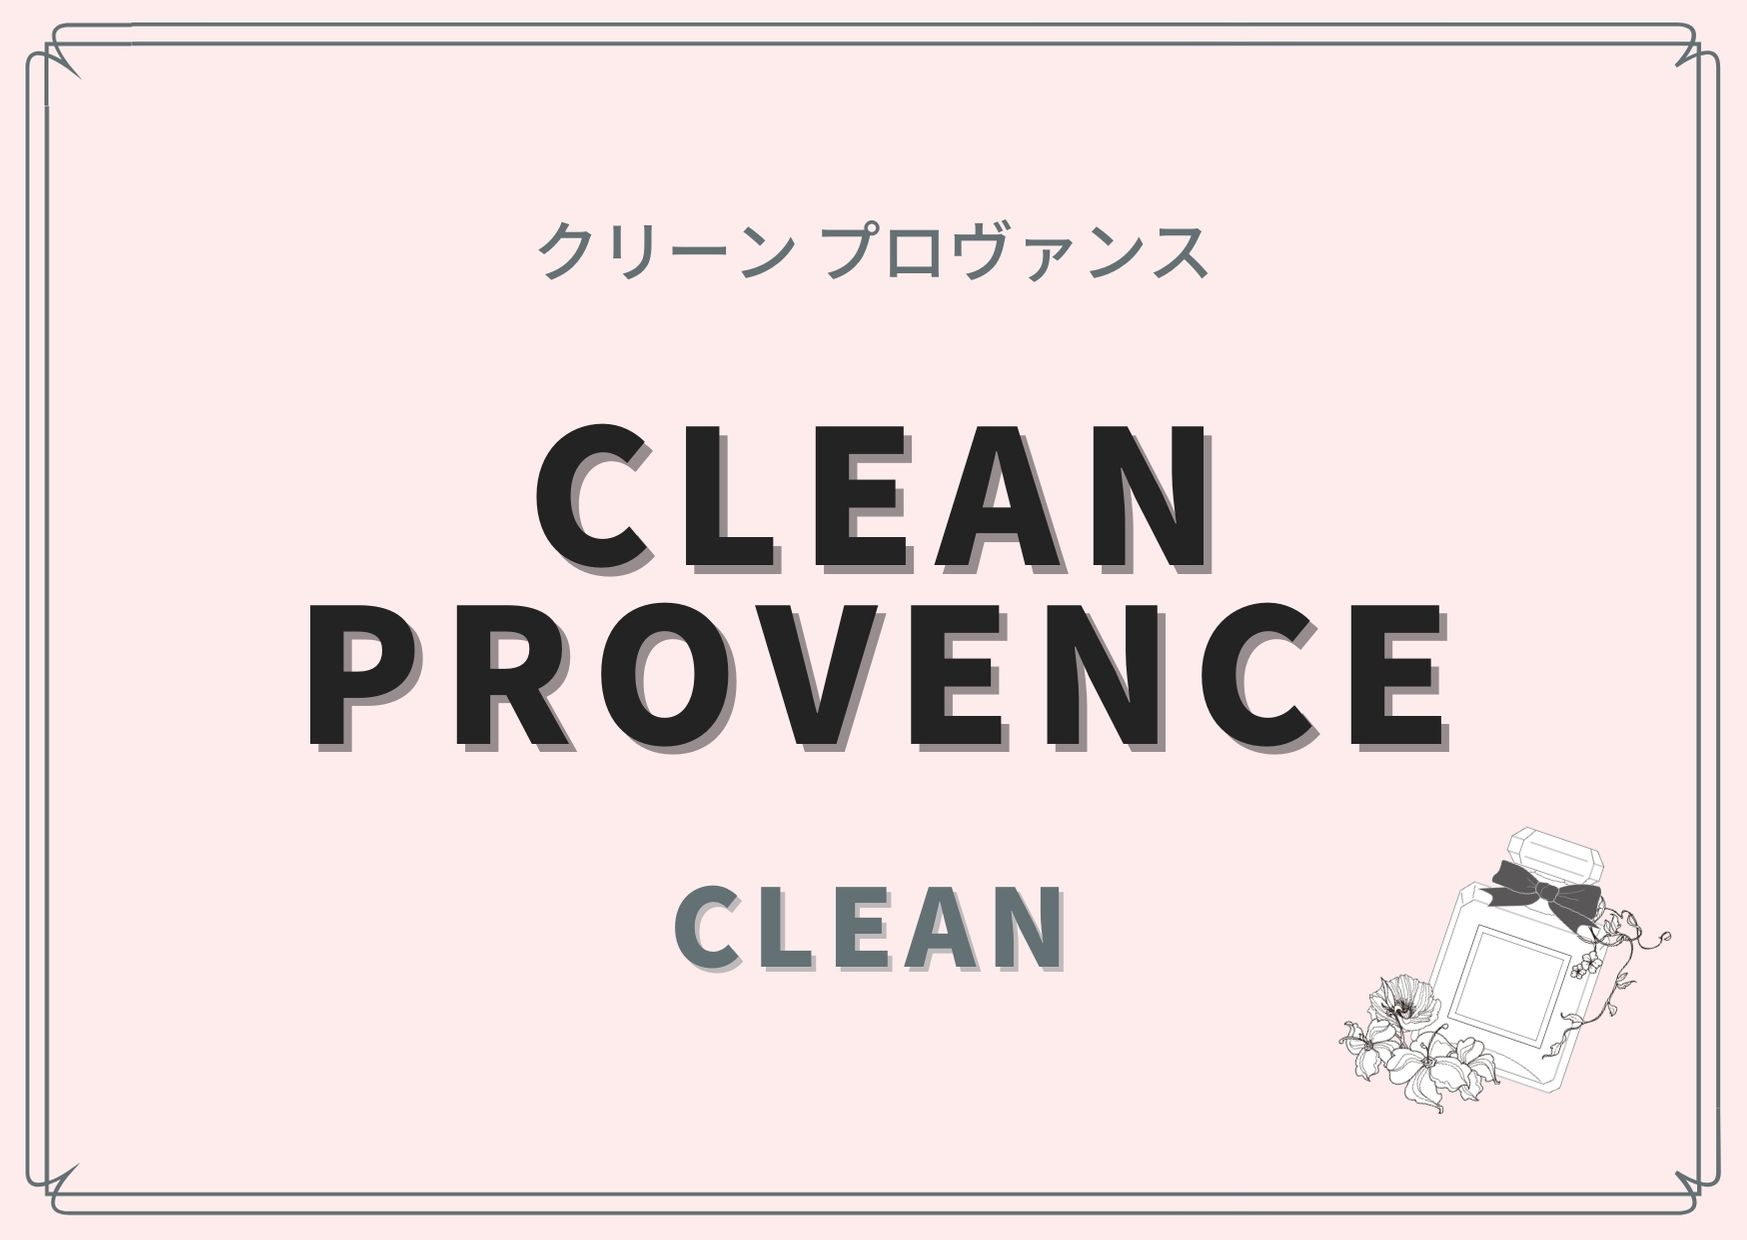 CLEAN PROVENCE(クリーン プロヴァンス)/CLEAN(クリーン)